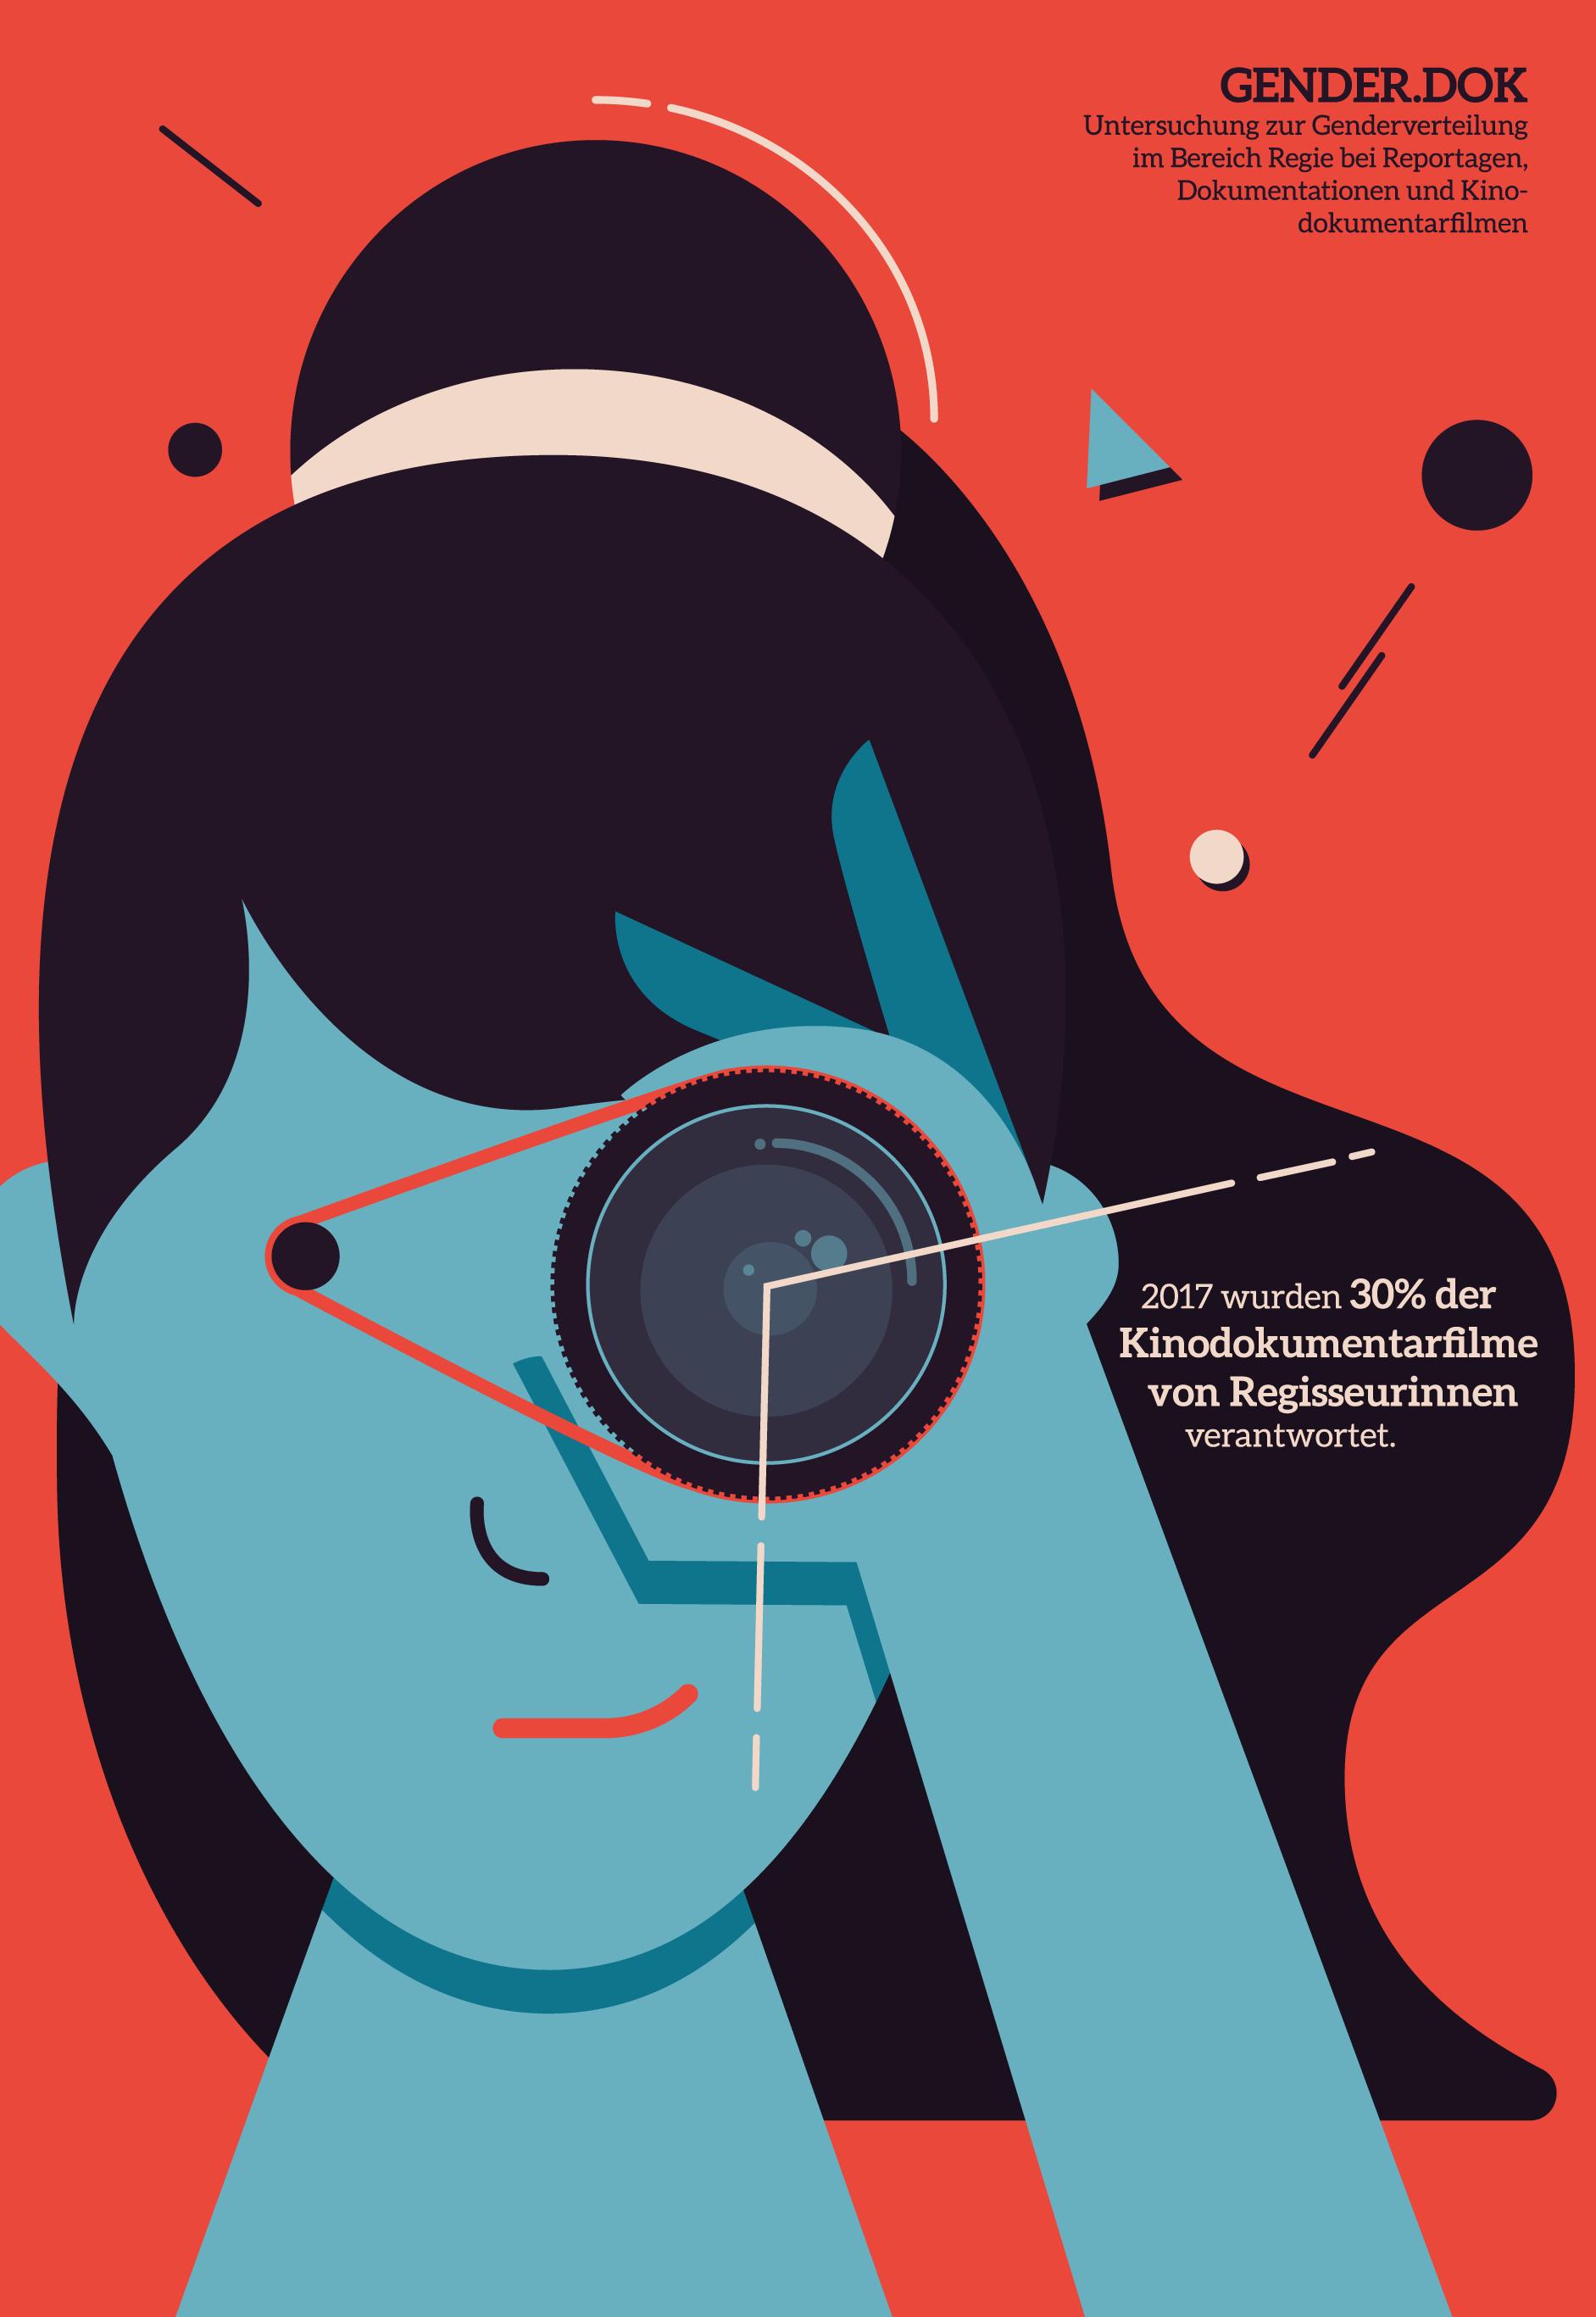 Untersuchung zur Genderverteilung im Bereich Regie bei Reportagen, Dokumentationen und Kinodokumentarfilmen